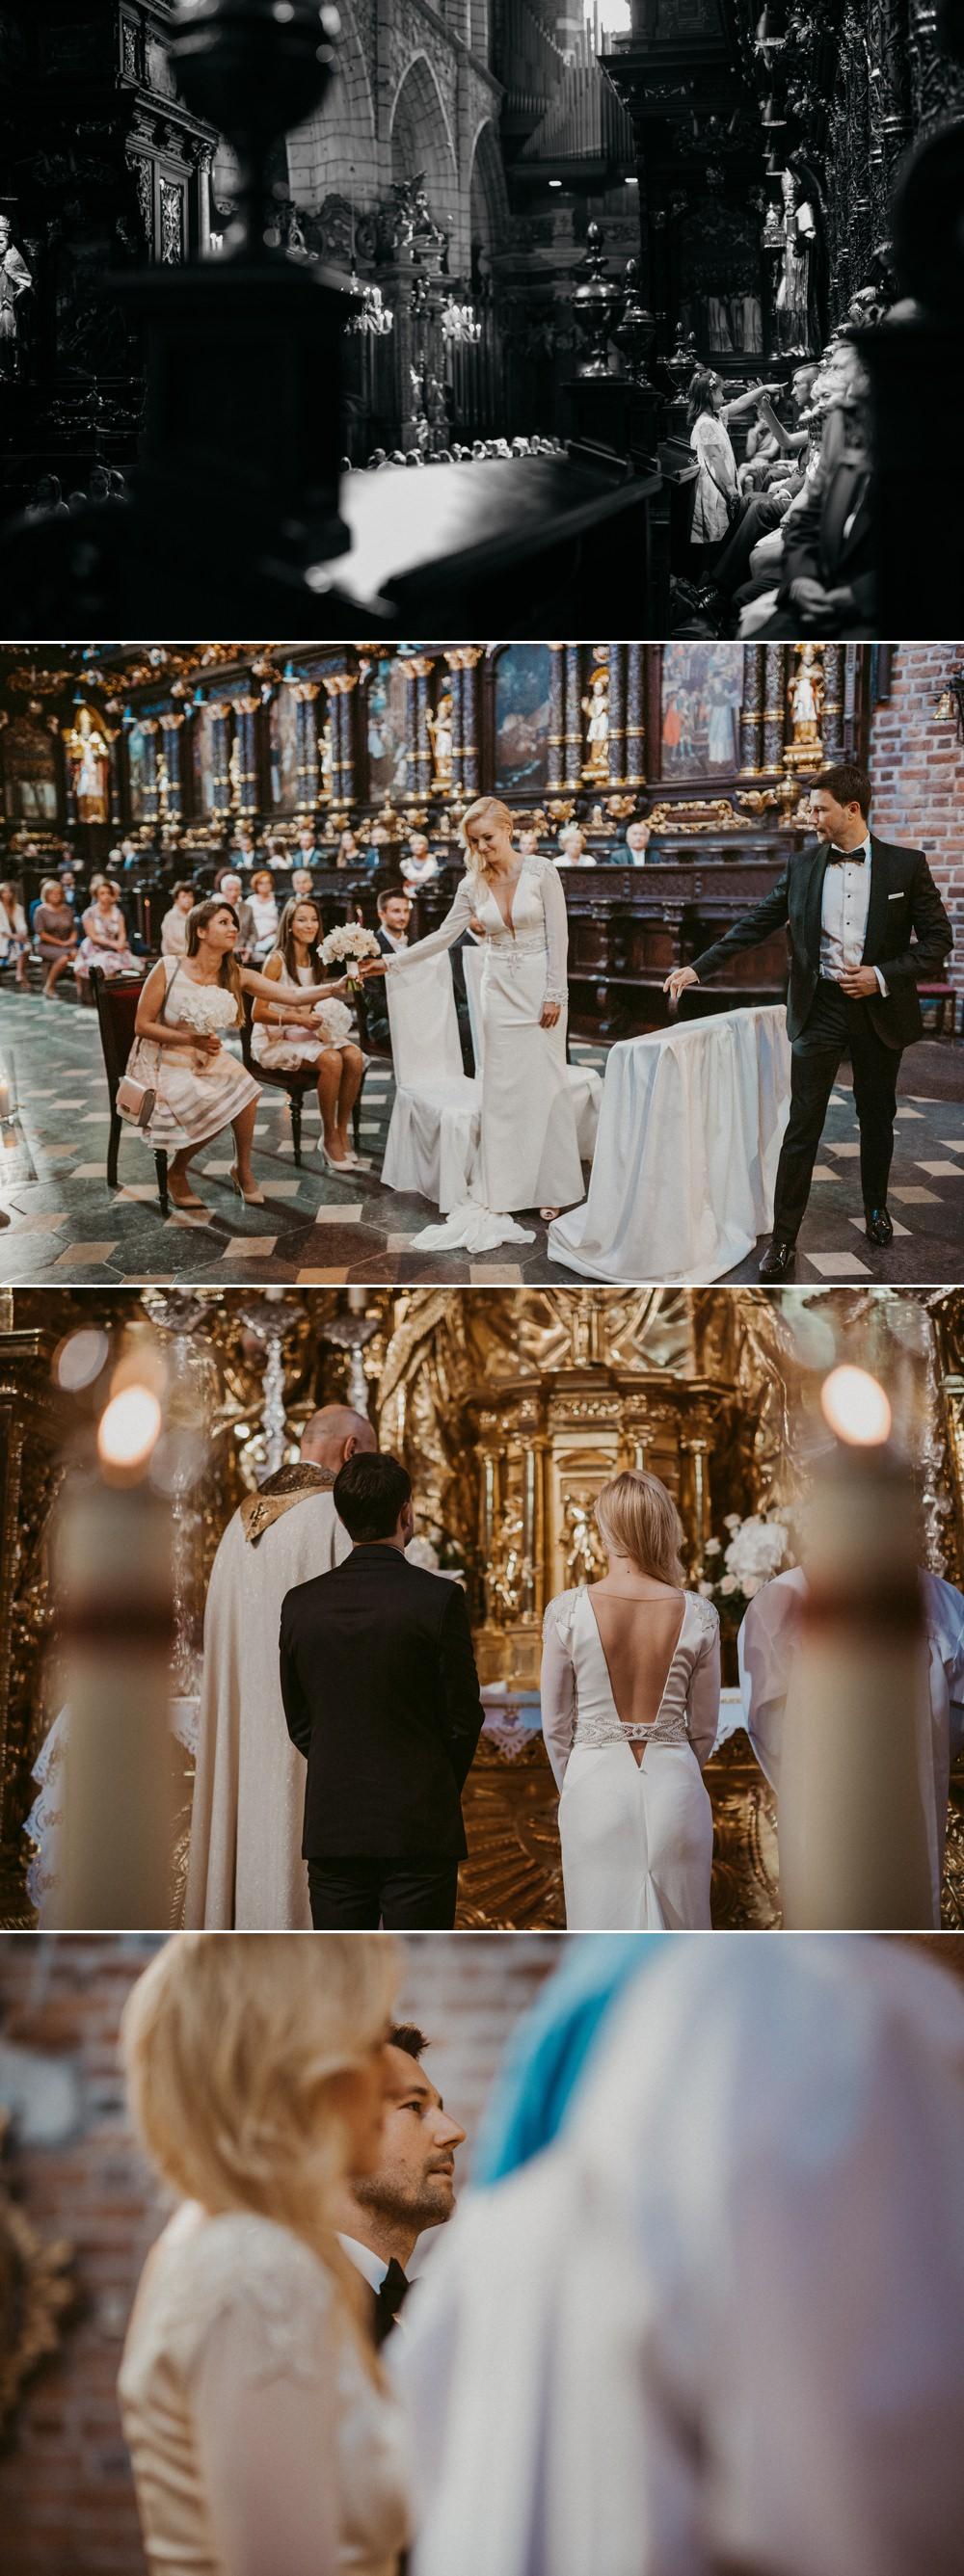 zdjęcia ślubne kraków, zdjecia slubne krakow, fotografia ślubna, ślub w krakowie, reportaż ślubny, fotograf ślubny kraków